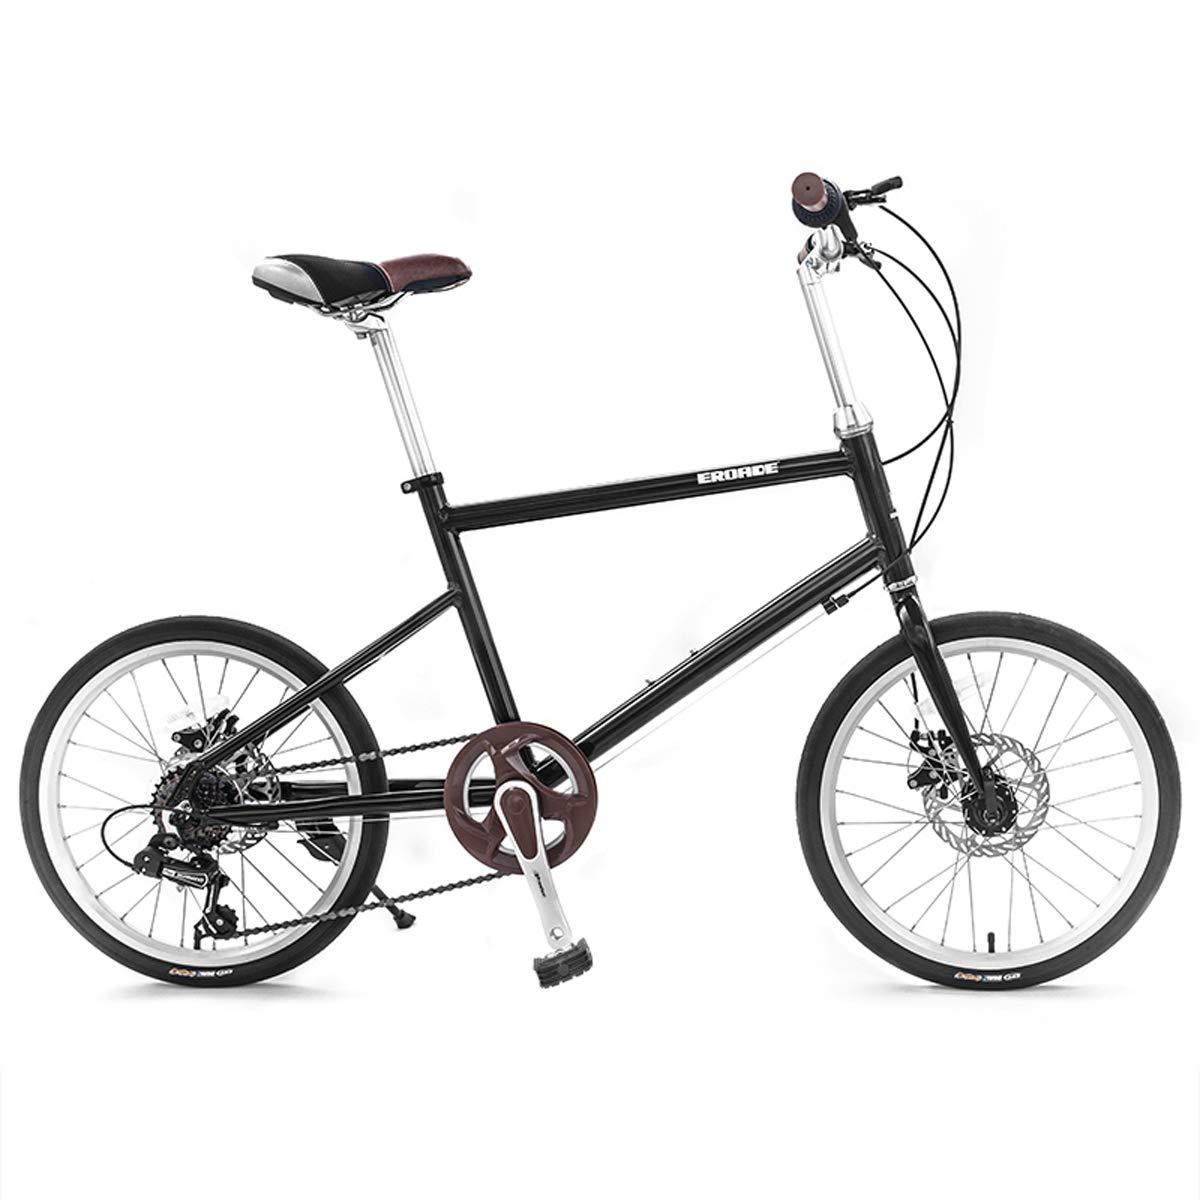 HBNW - Bicicleta urbana de 20 pulgadas para mujer, estilo retro, ligera, para estudiantes masculinos y femeninos: Amazon.es: Deportes y aire libre